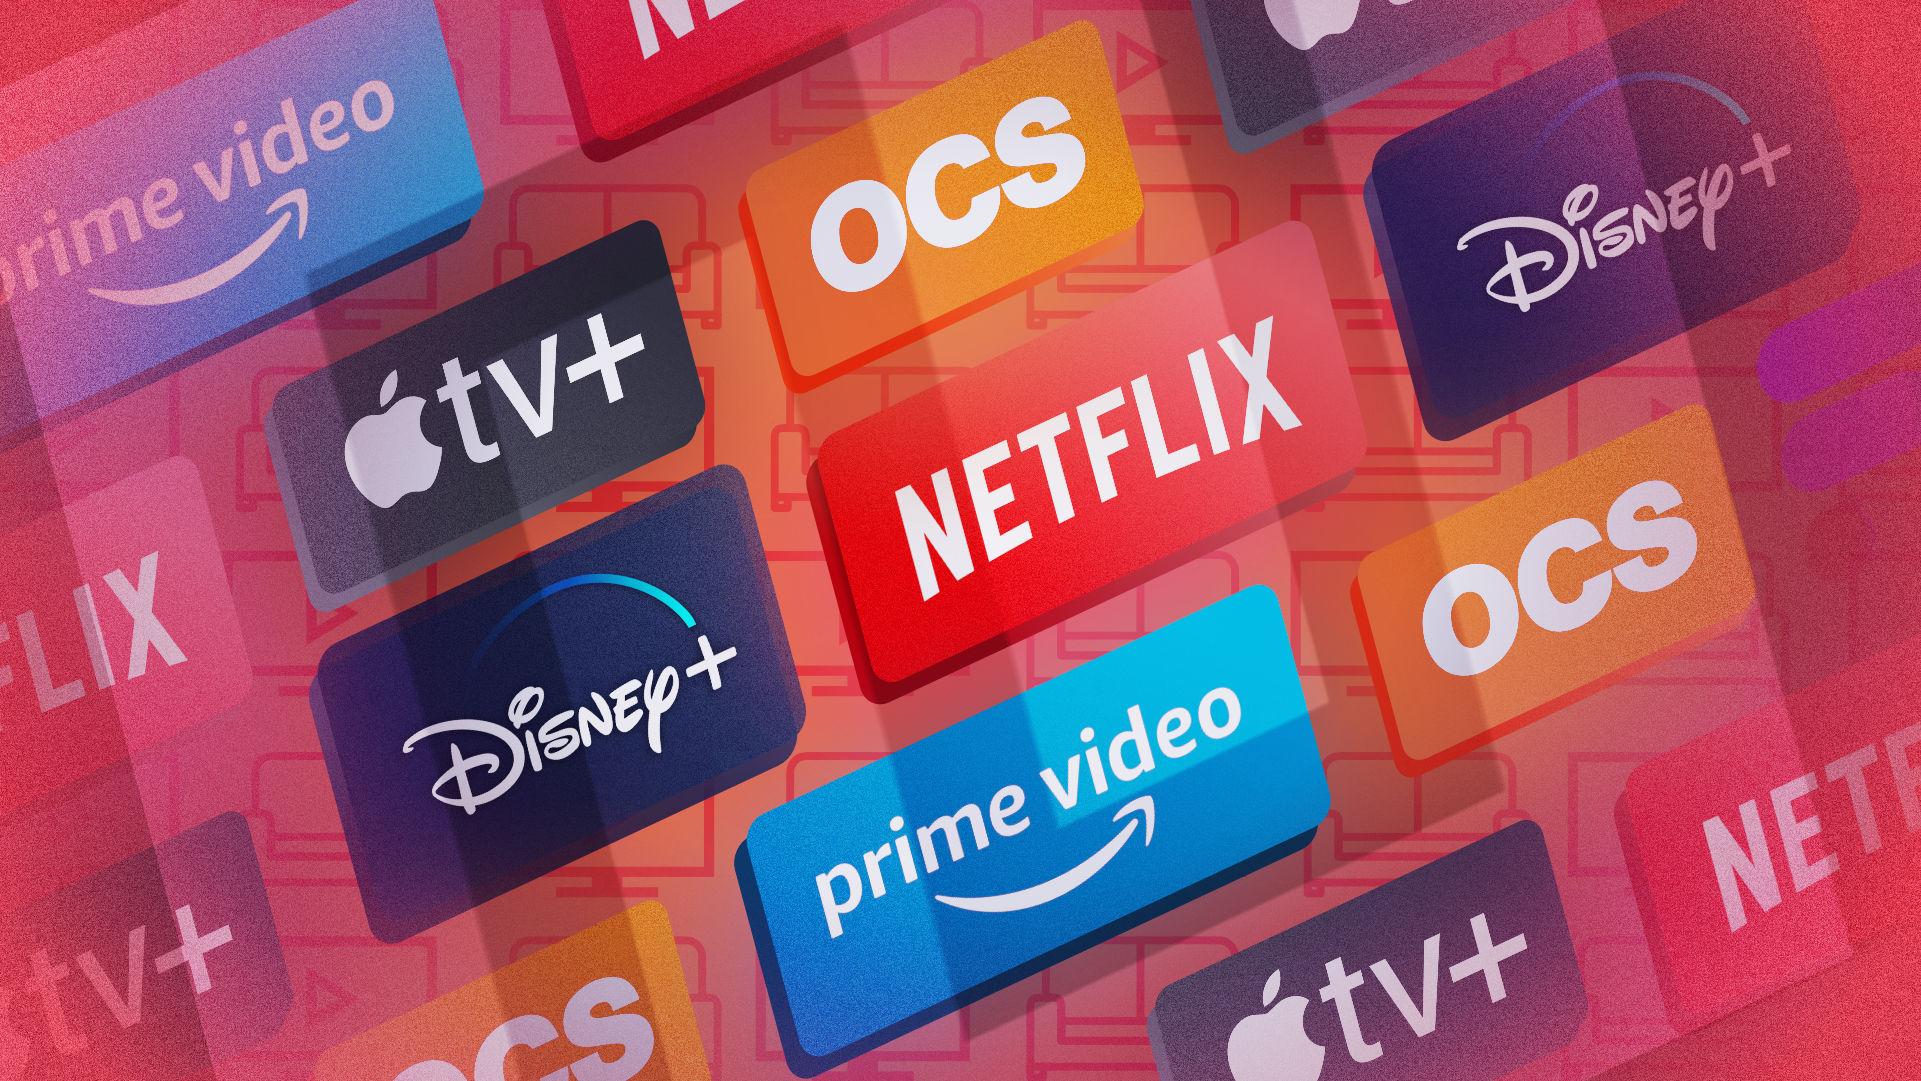 Actualités - Salto en France: prix, catalogue… tout savoir sur la plateforme de streaming vidéo